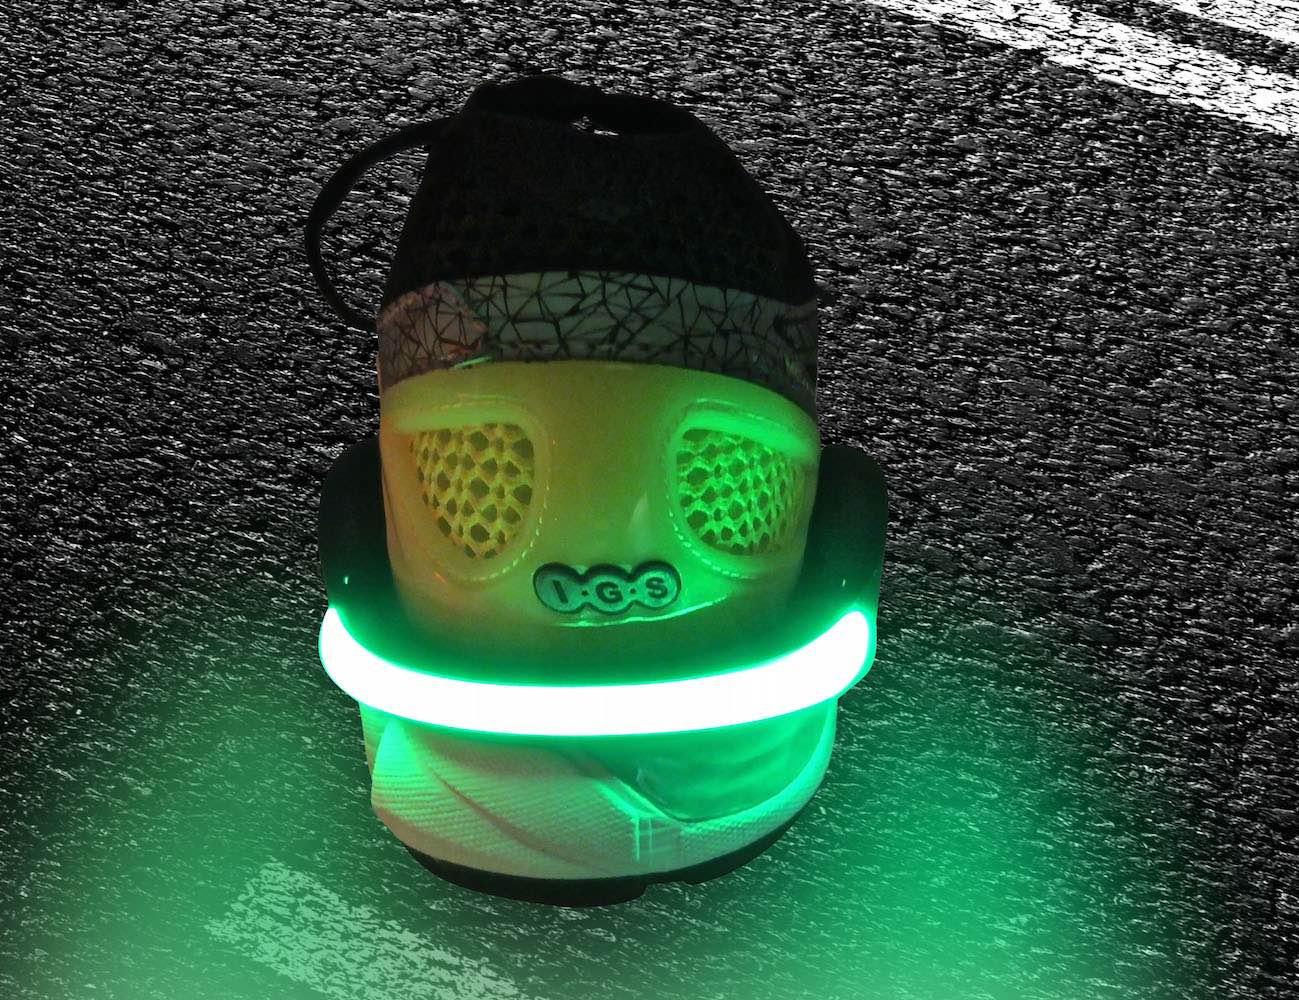 FireFly Running & Biking Light Spurs